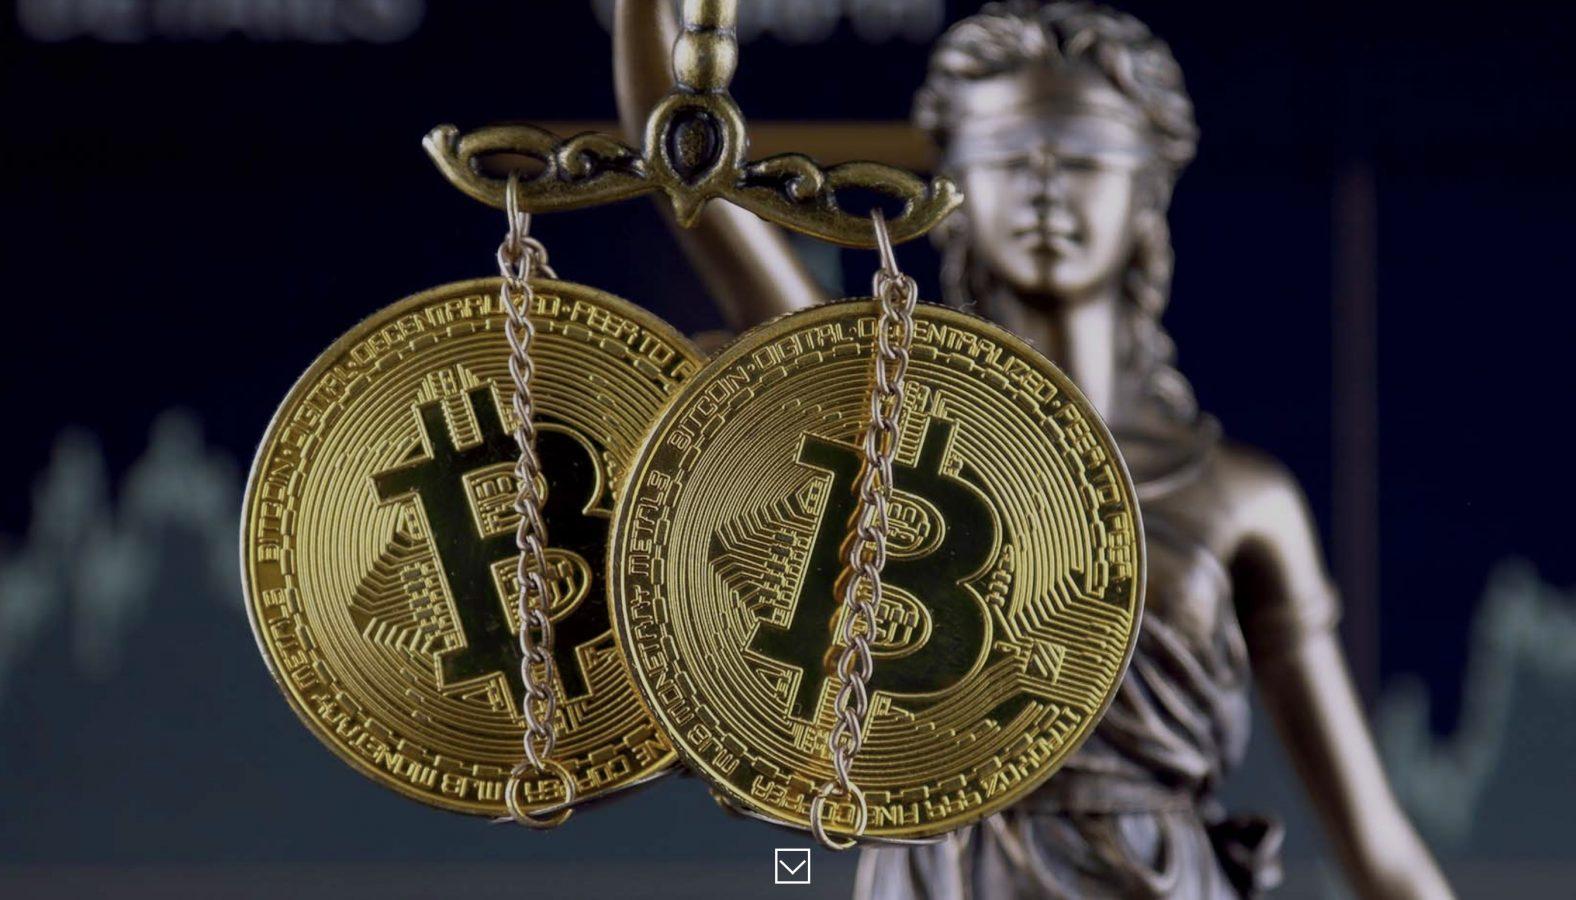 Gli avvocati si fanno pagare in Bitcoin - Gli avvocati pagati in Bitcoin ecco gli studi legali più evoluti